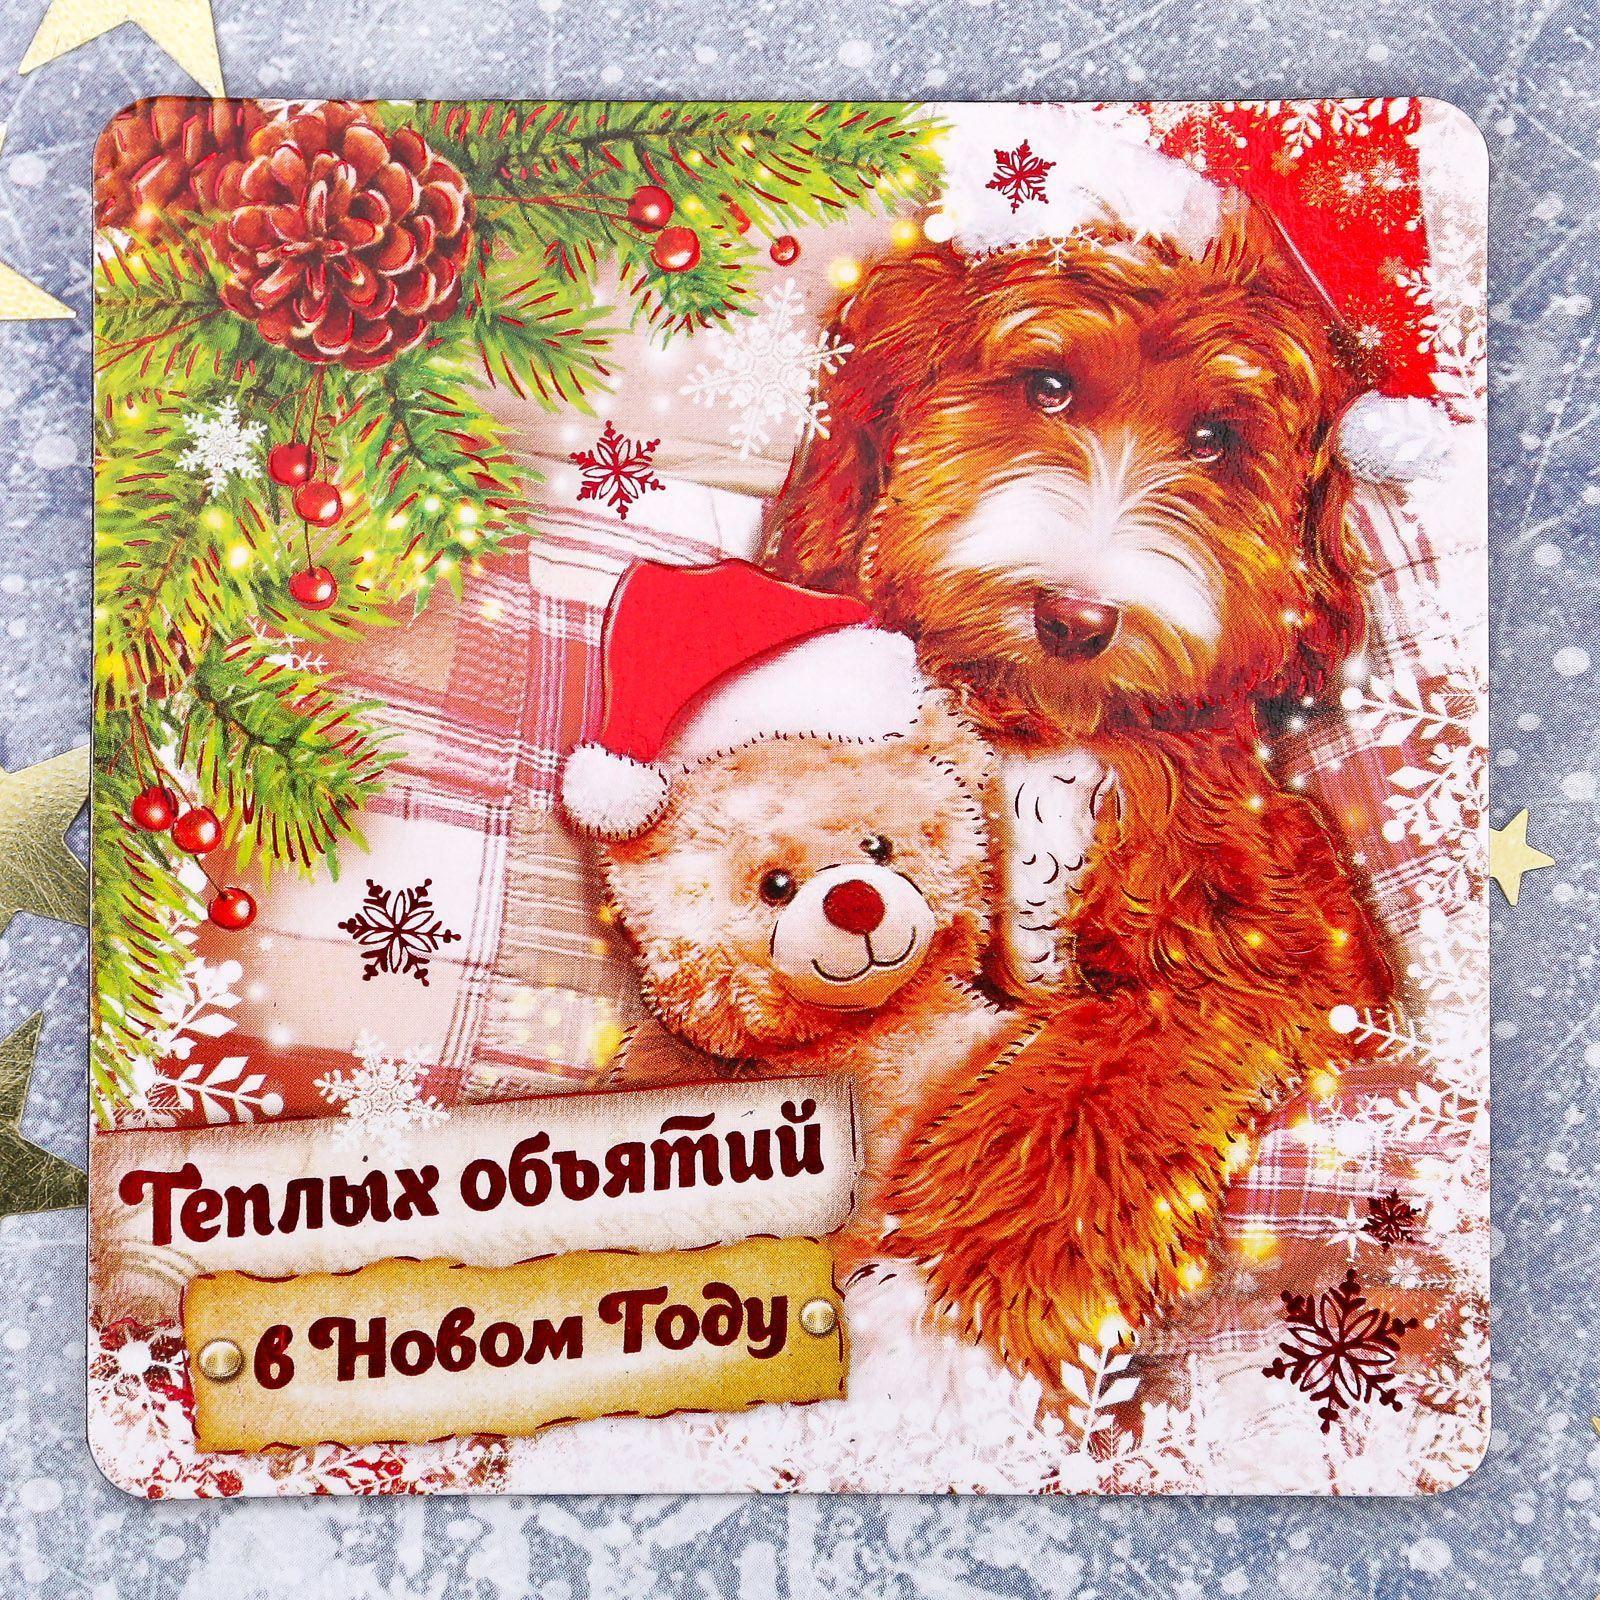 Магнит Sima-land Теплых объятий в Новом году, 8 х 8 см1894061Порадуйте родных и близких оригинальным сувениром: преподнесите в подарок магнит. С ним даже самый серьёзный человек почувствует себя ребёнком, ожидающим чудо! Создайте праздничное настроение, и оно останется с вами на весь год.